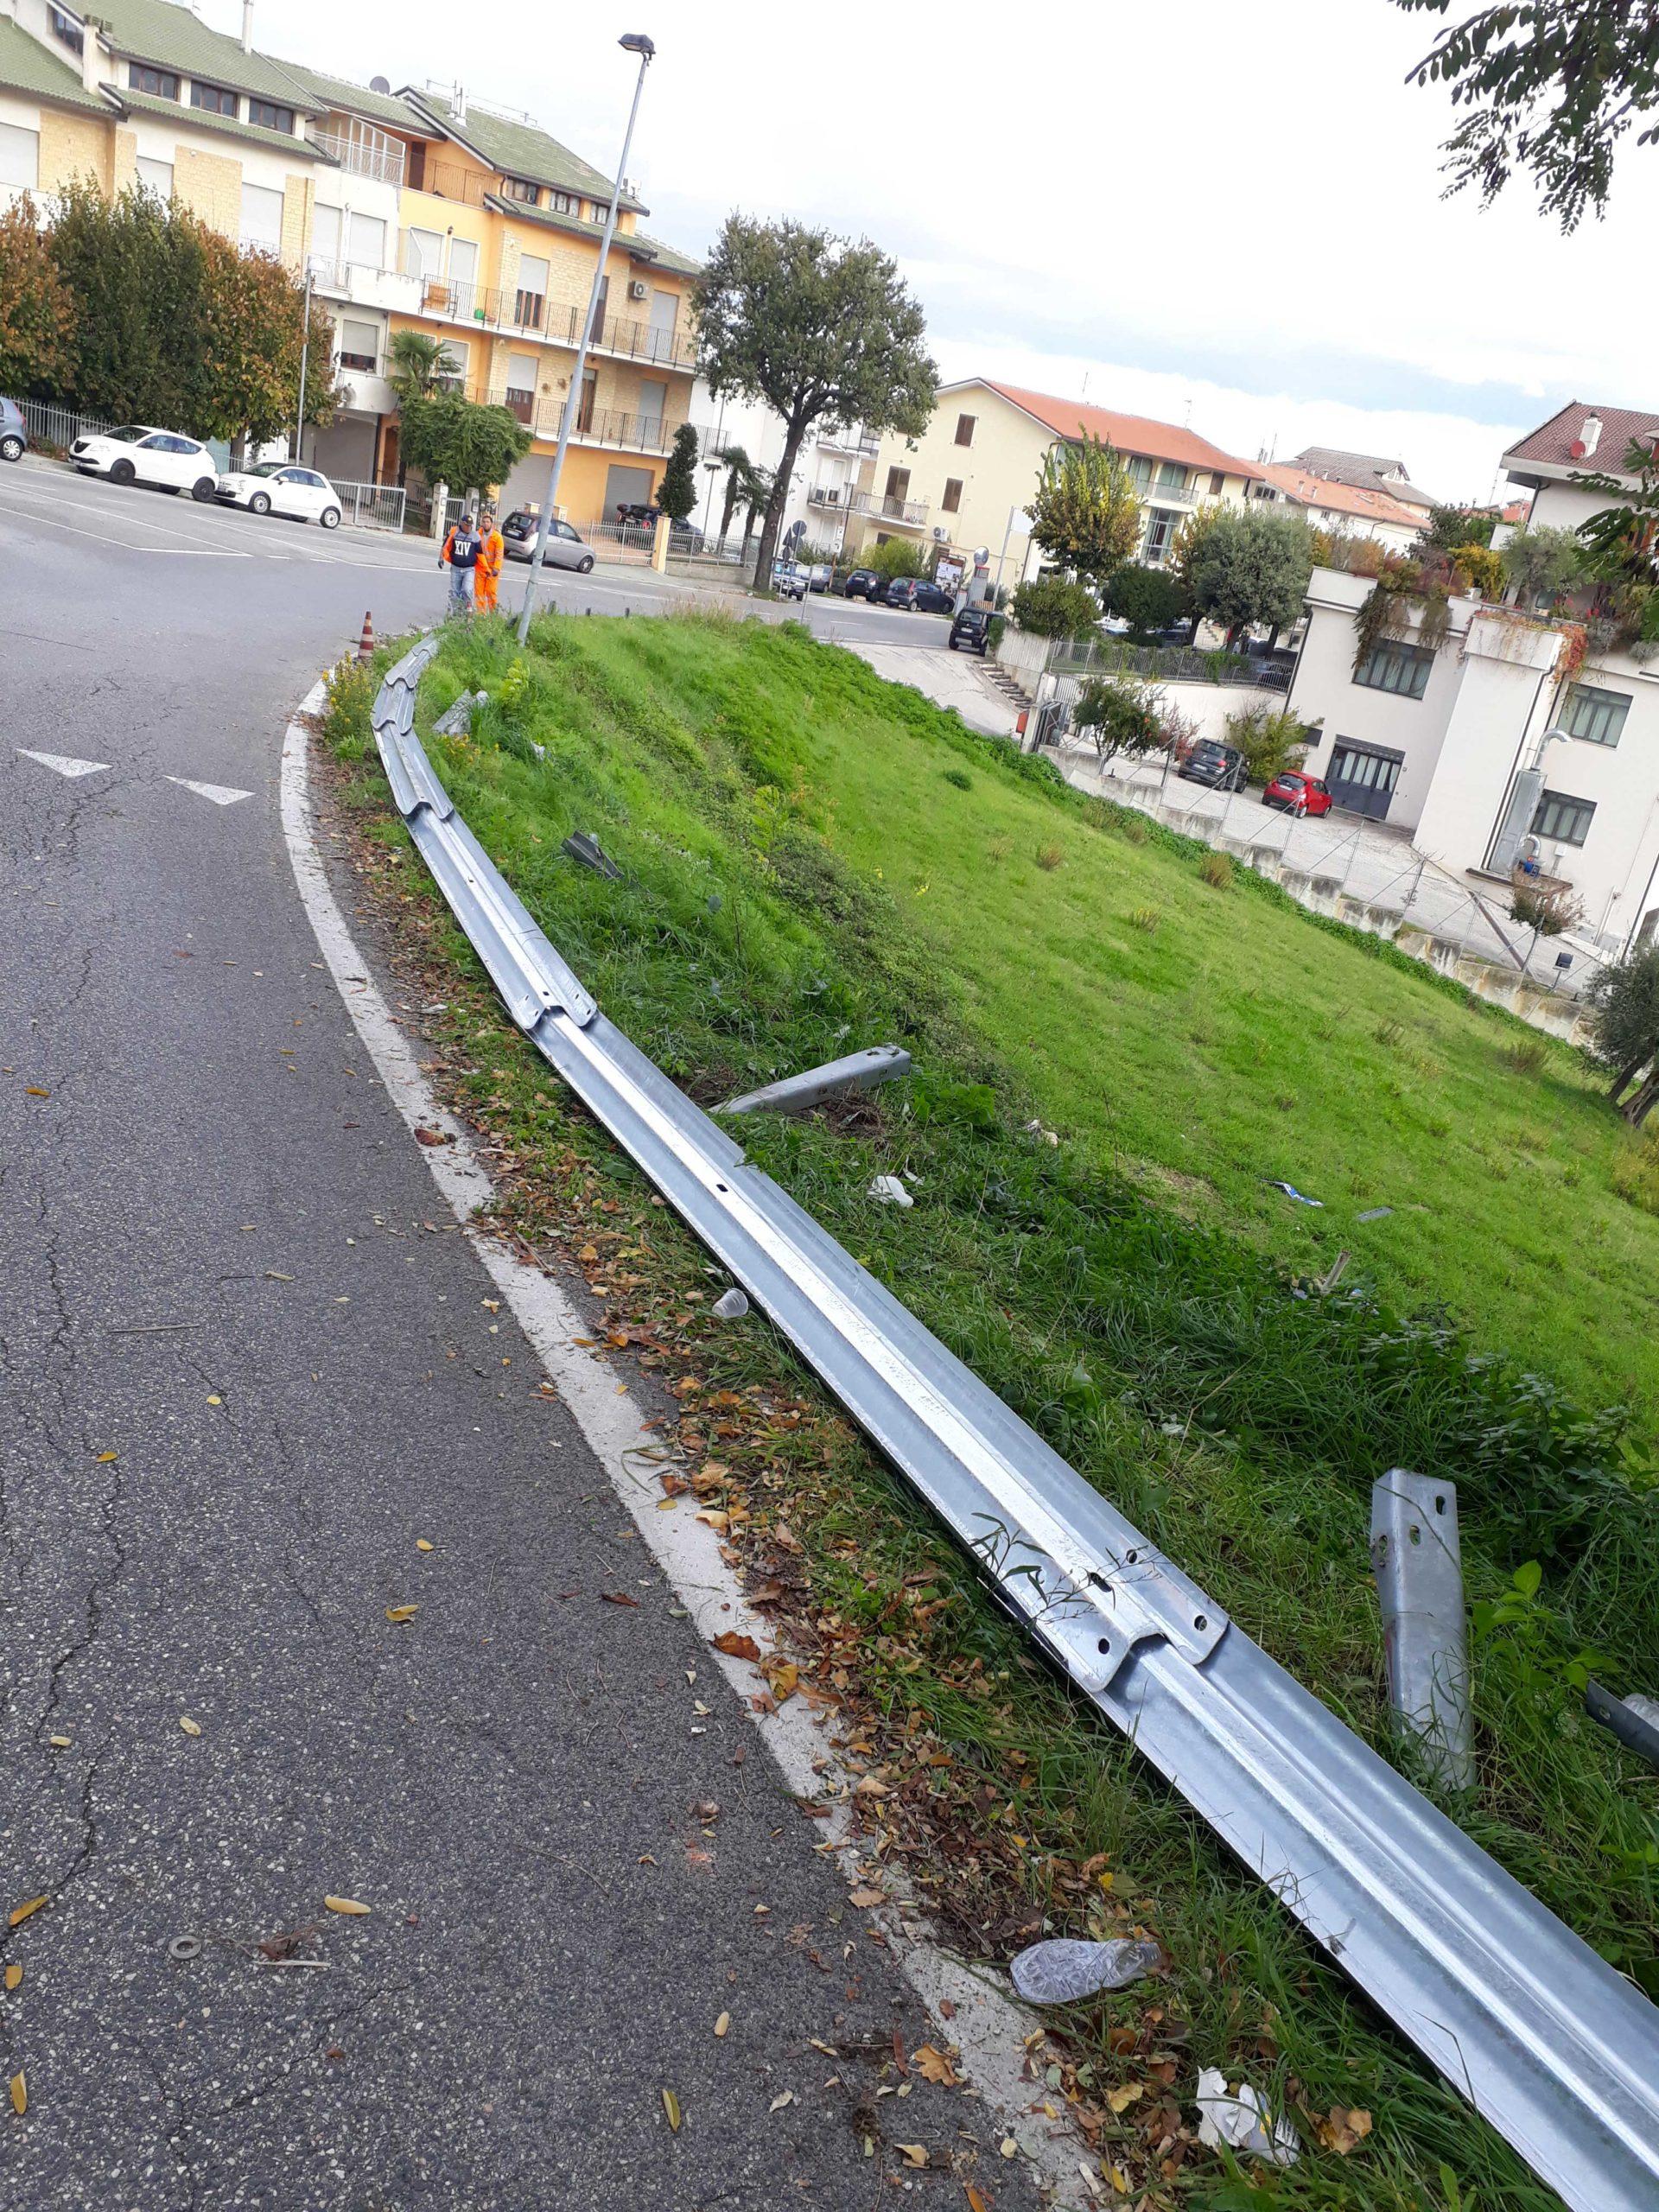 Ripristino strada post incidente Montegranaro (Fermo)